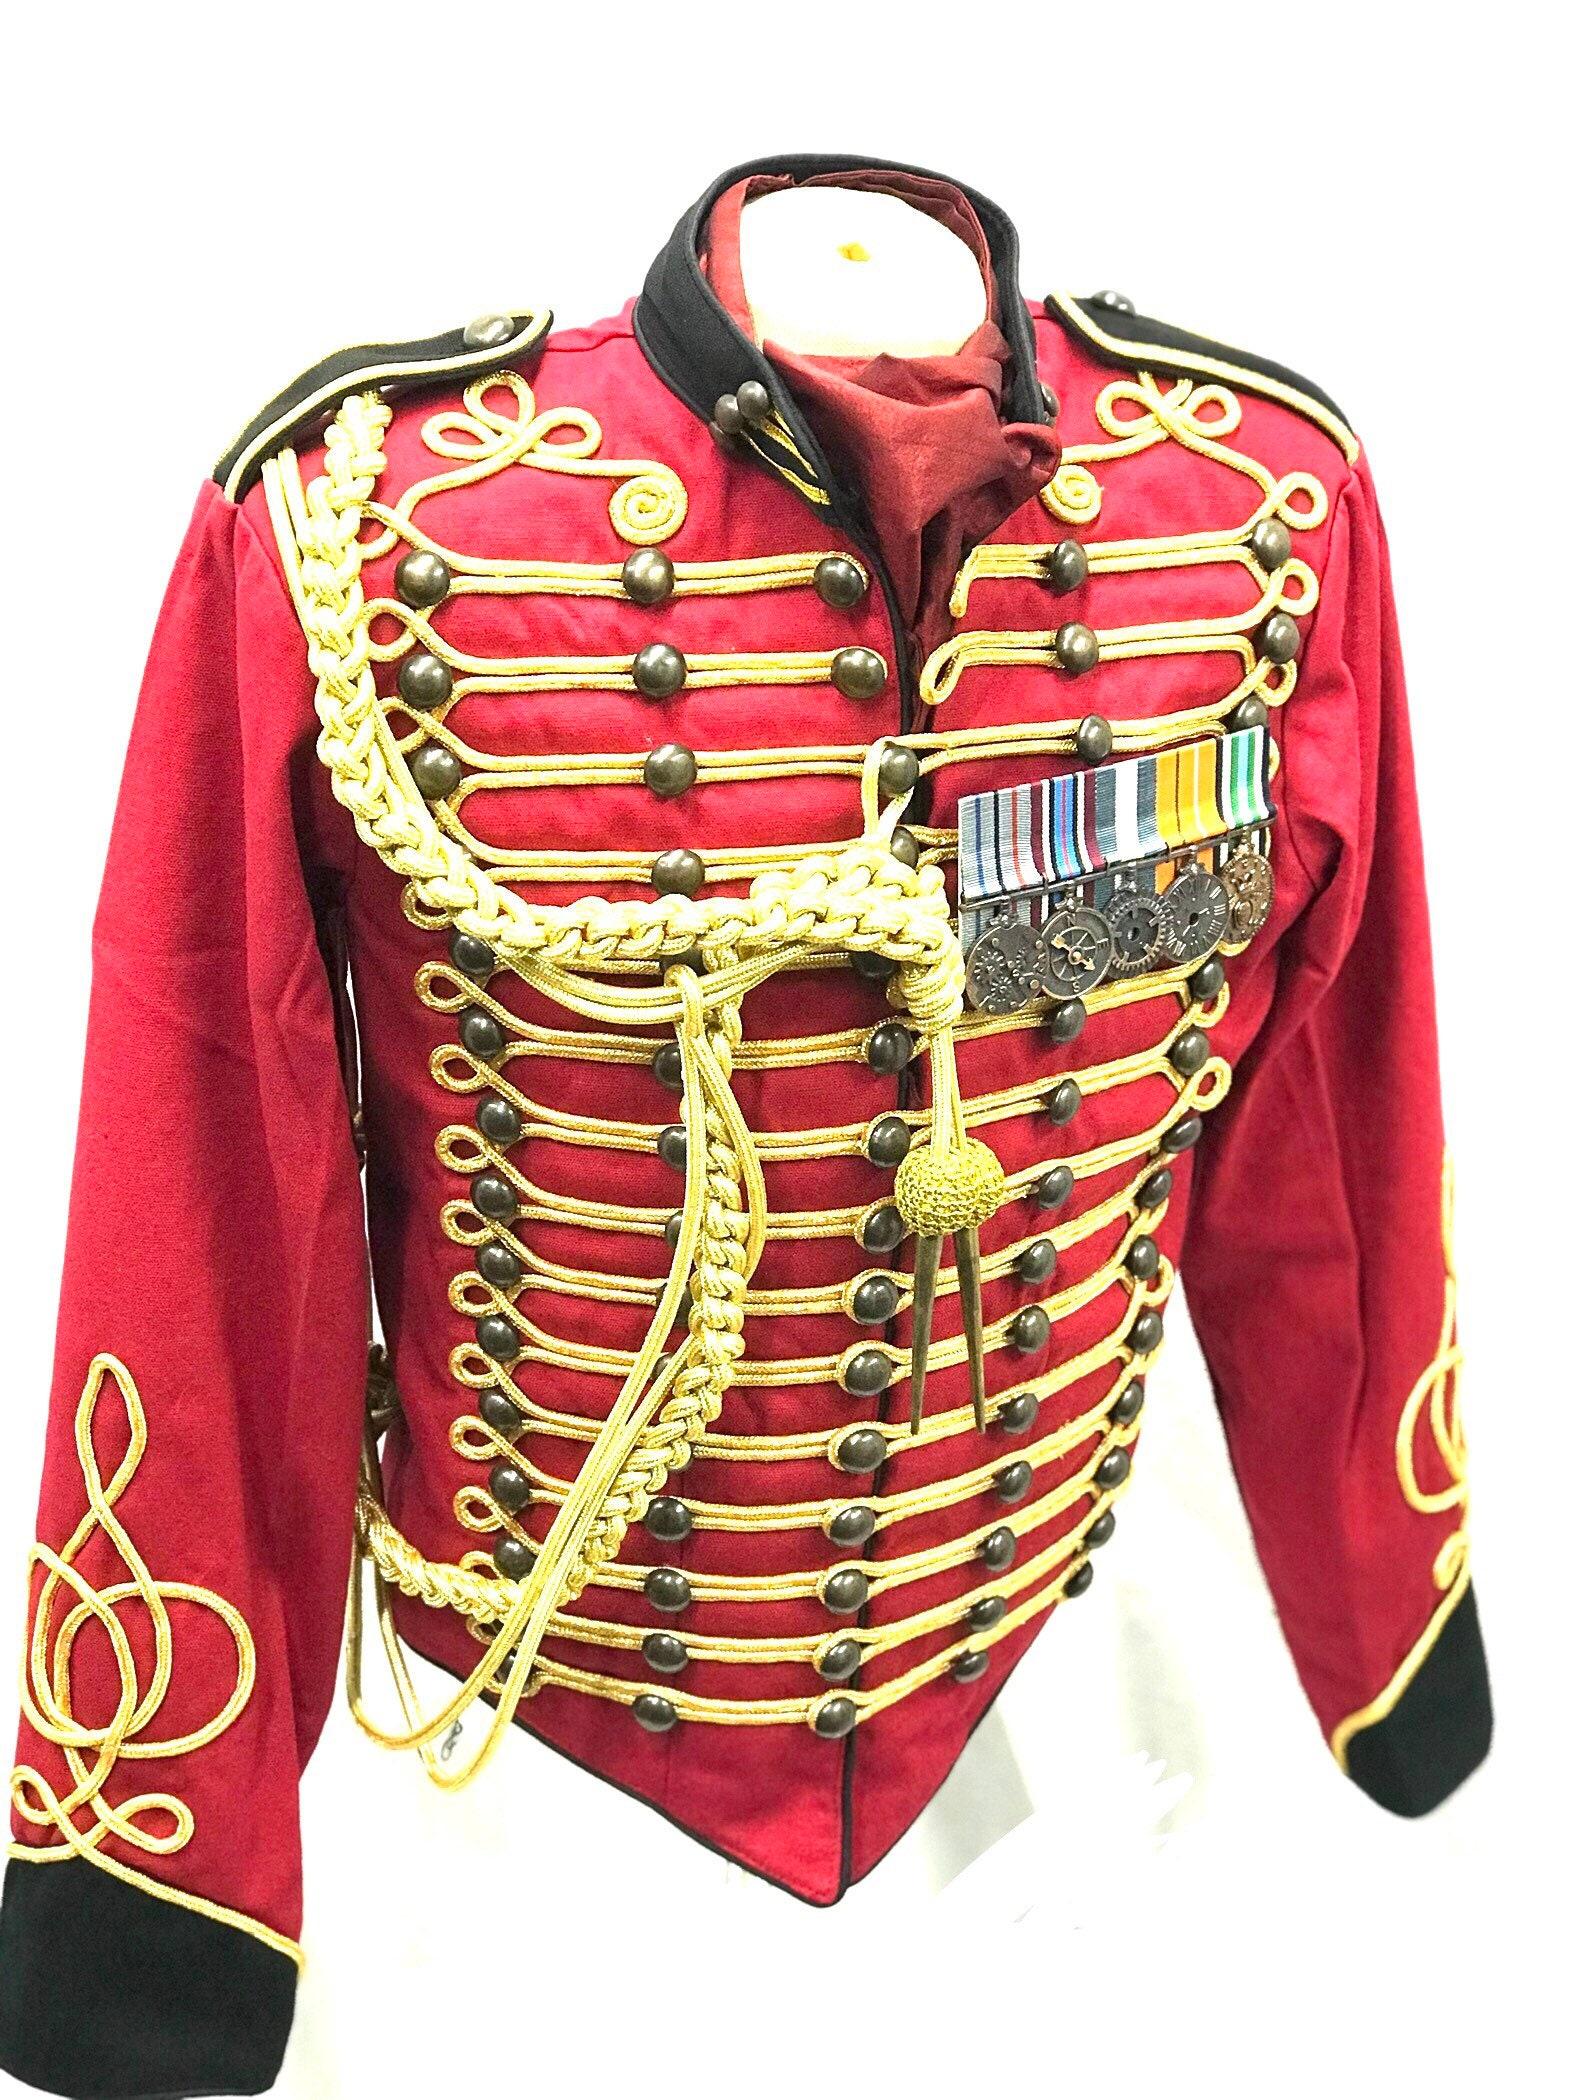 Militaire Militaire Officier Veste Rouge Etsy Etsy Homme Or Hussard Noir Et Bqwx1UT16